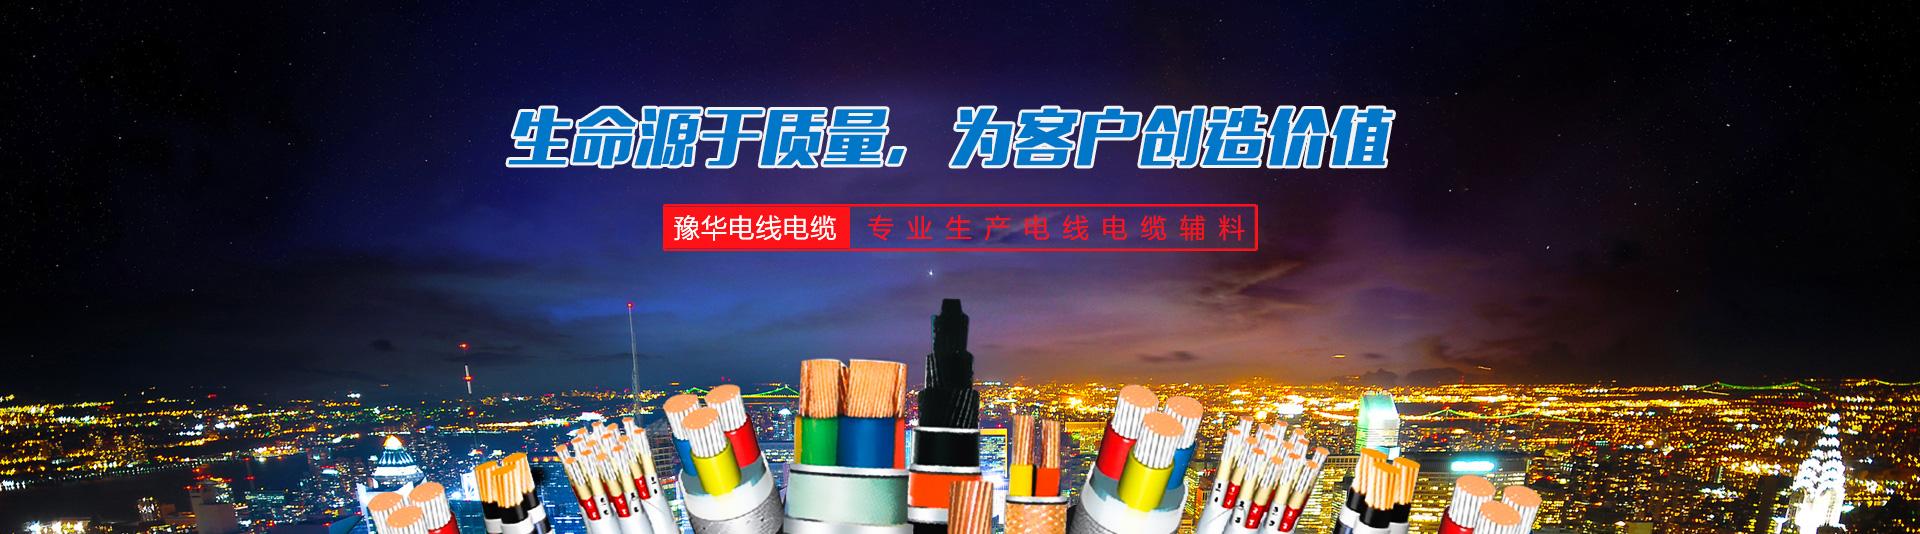 雷竞技-雷竞技官网-雷竞技官网DOTA2,LOL,CSGO最佳电竞赛事竞猜